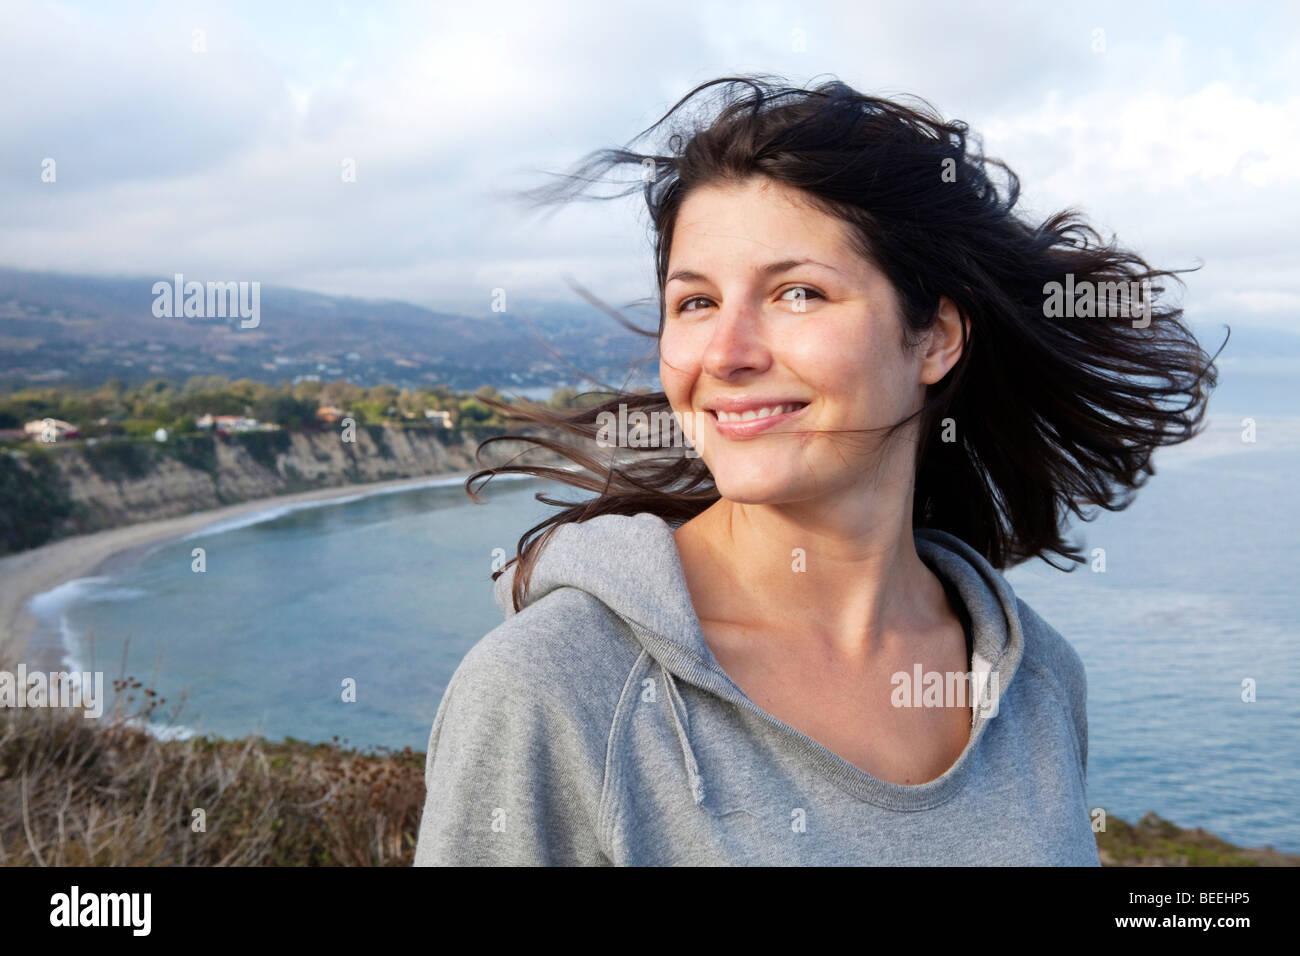 Porträt einer jungen Frau über einem Strand in Malibu in Los Angeles, Kalifornien, USA Stockfoto